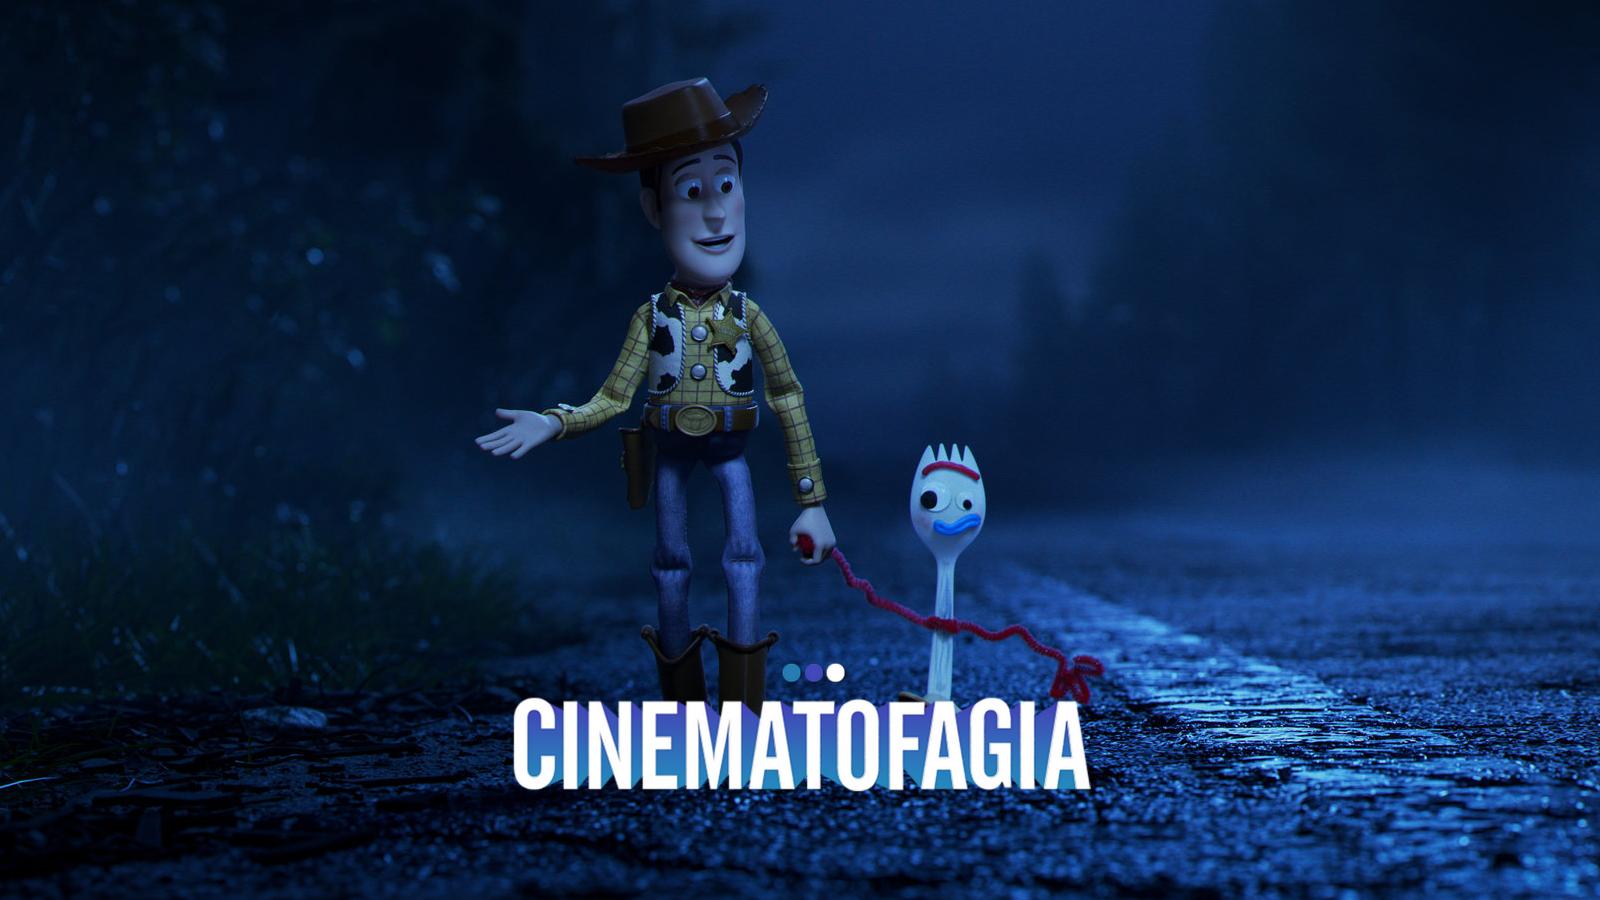 O quarto nome da franquia de Woody e Buzz é um apêndice que diverte, mas não precisava existir